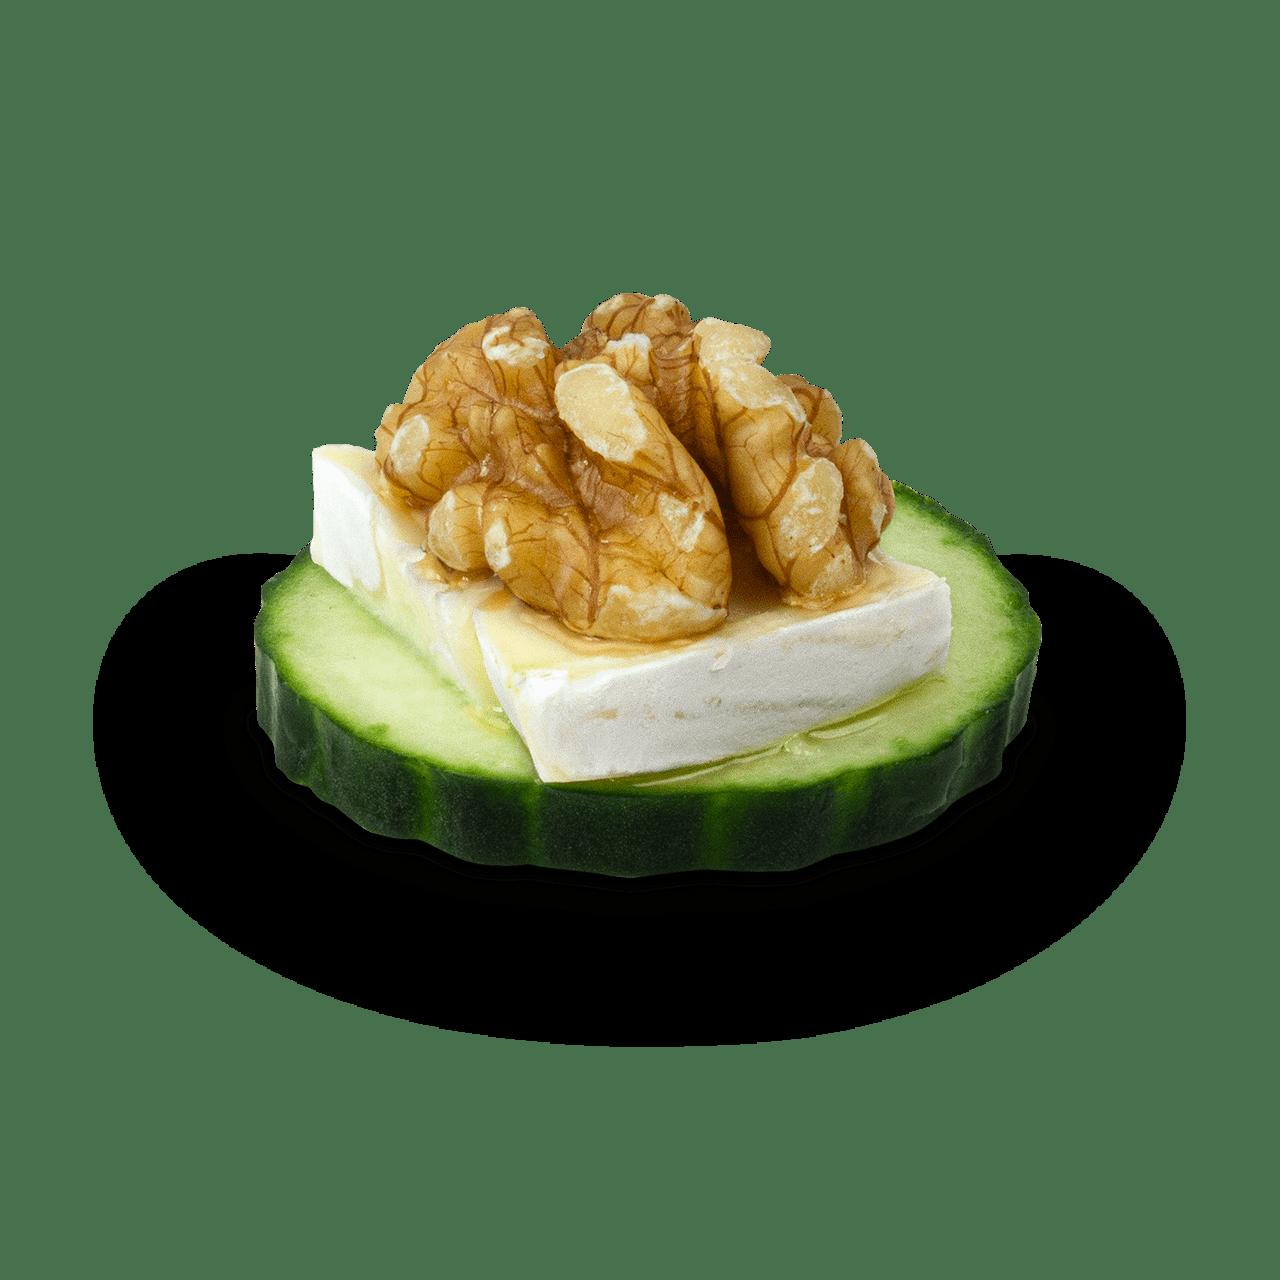 tostibanaan-brie-honing-komkommer